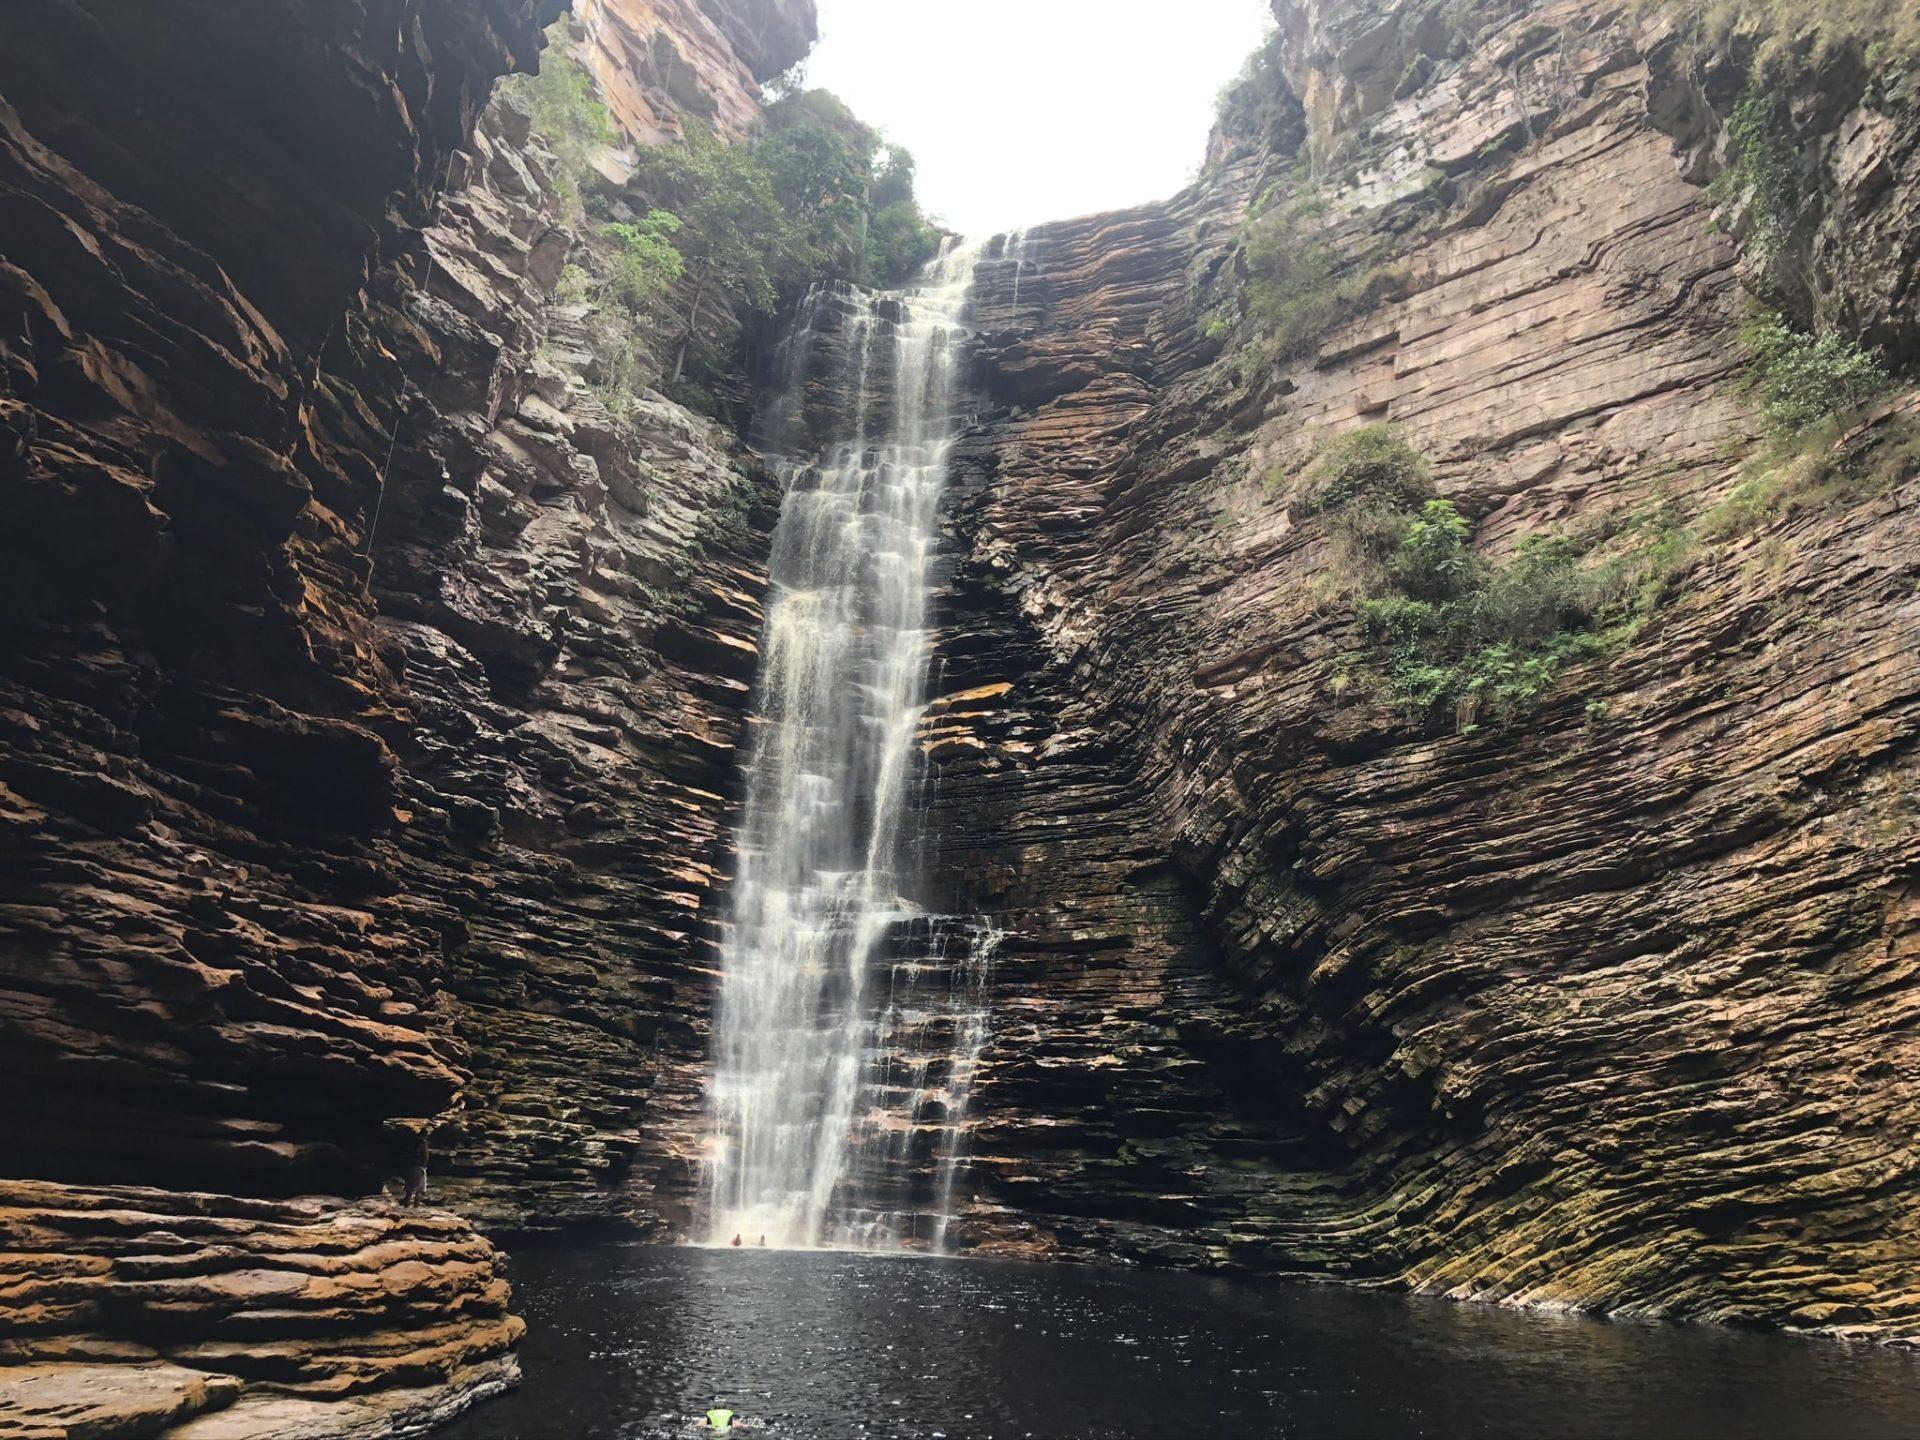 Cachoeira-do-buracao-ibicoara